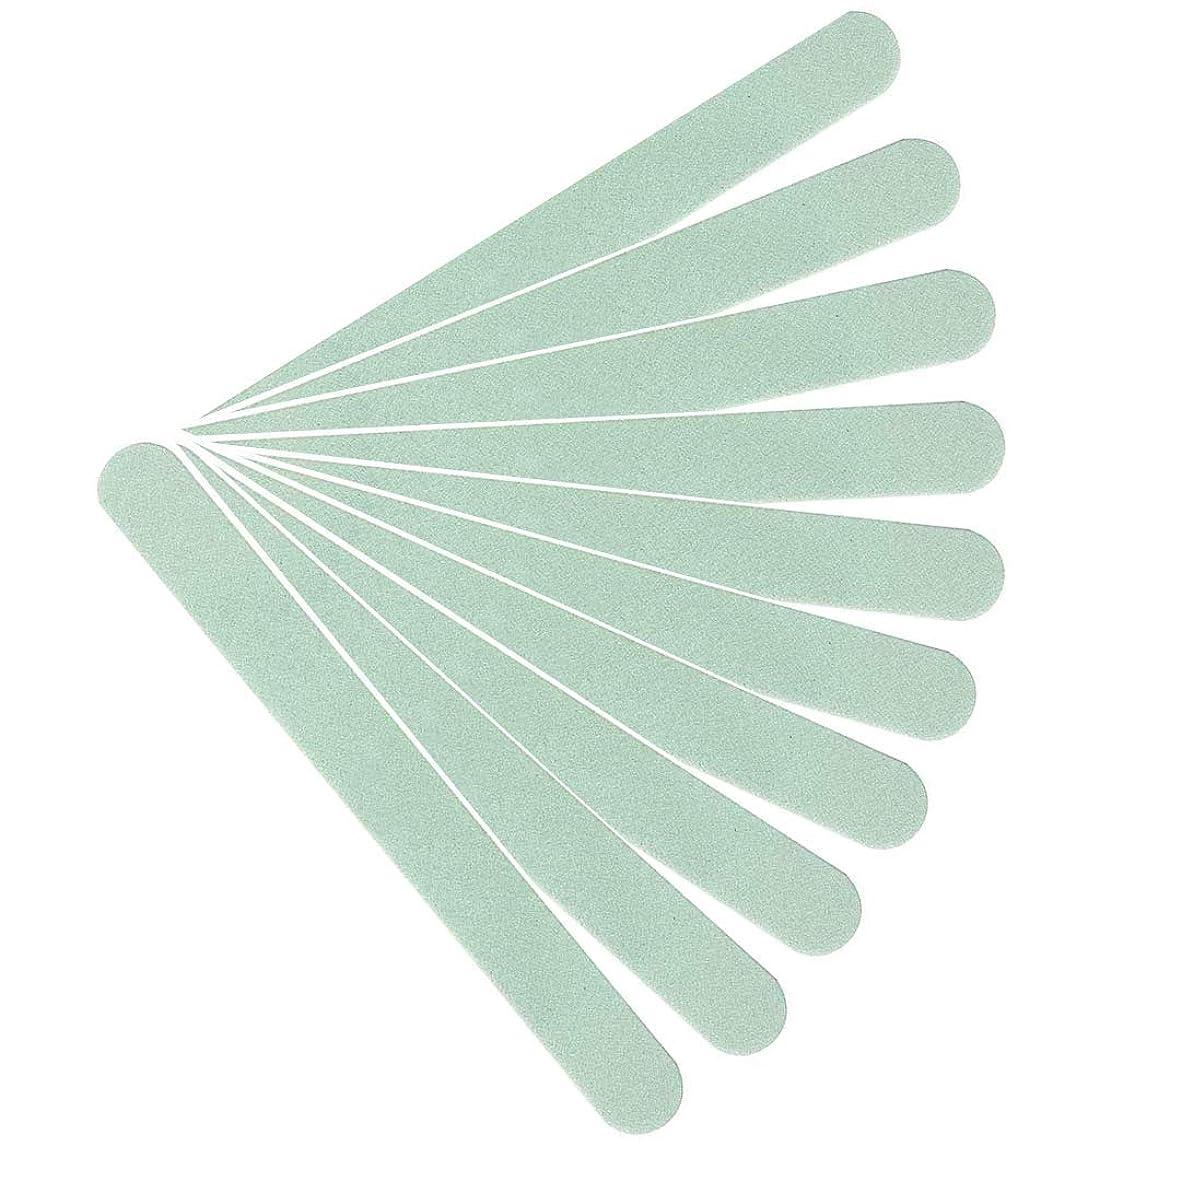 光の整理する学校教育【kimari】(10本セット)kmr-005ネイルシャイナー 600/3000グリット スポンジファイル ソフトファイル ネイルポリッシュファイル